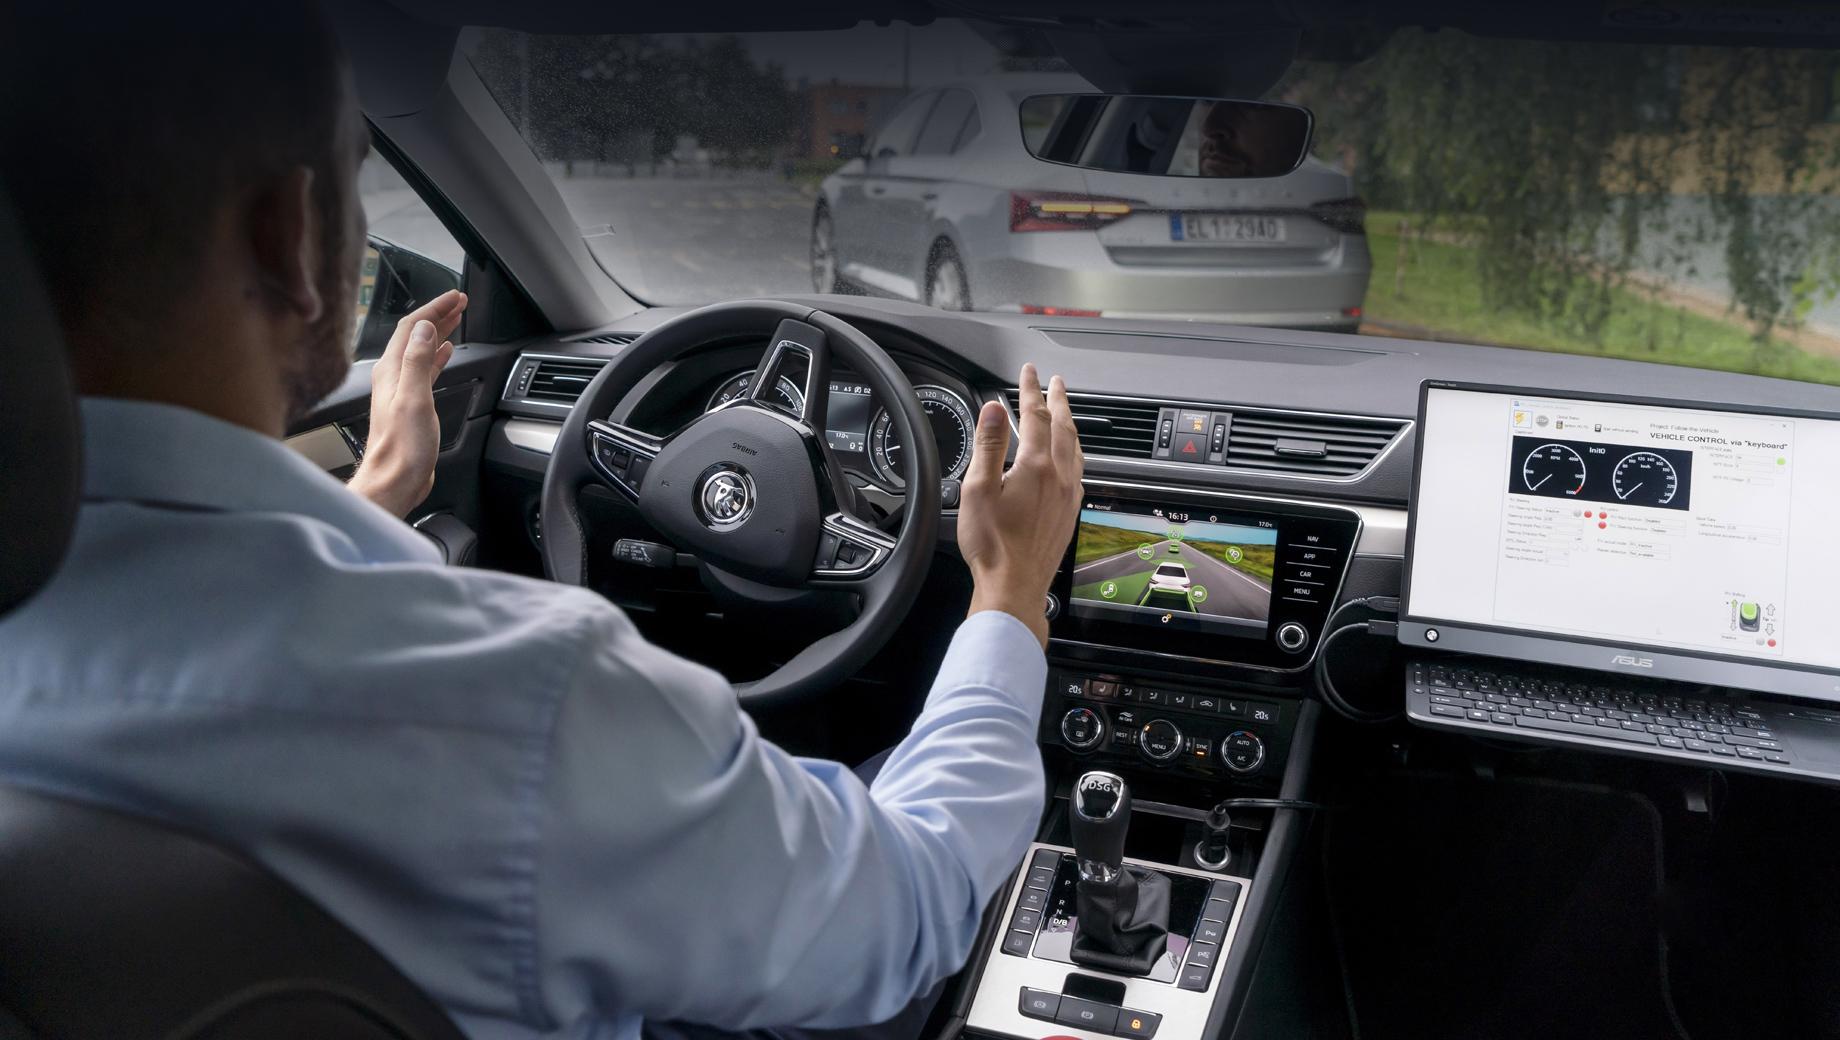 Skoda superb. По снимку с испытаний кажется, что перед нами очередной банальный автопилот, но не всё так просто. Шкода, чей интерьер мы видим, откликается на действия водителя автомобиля, едущего первым.